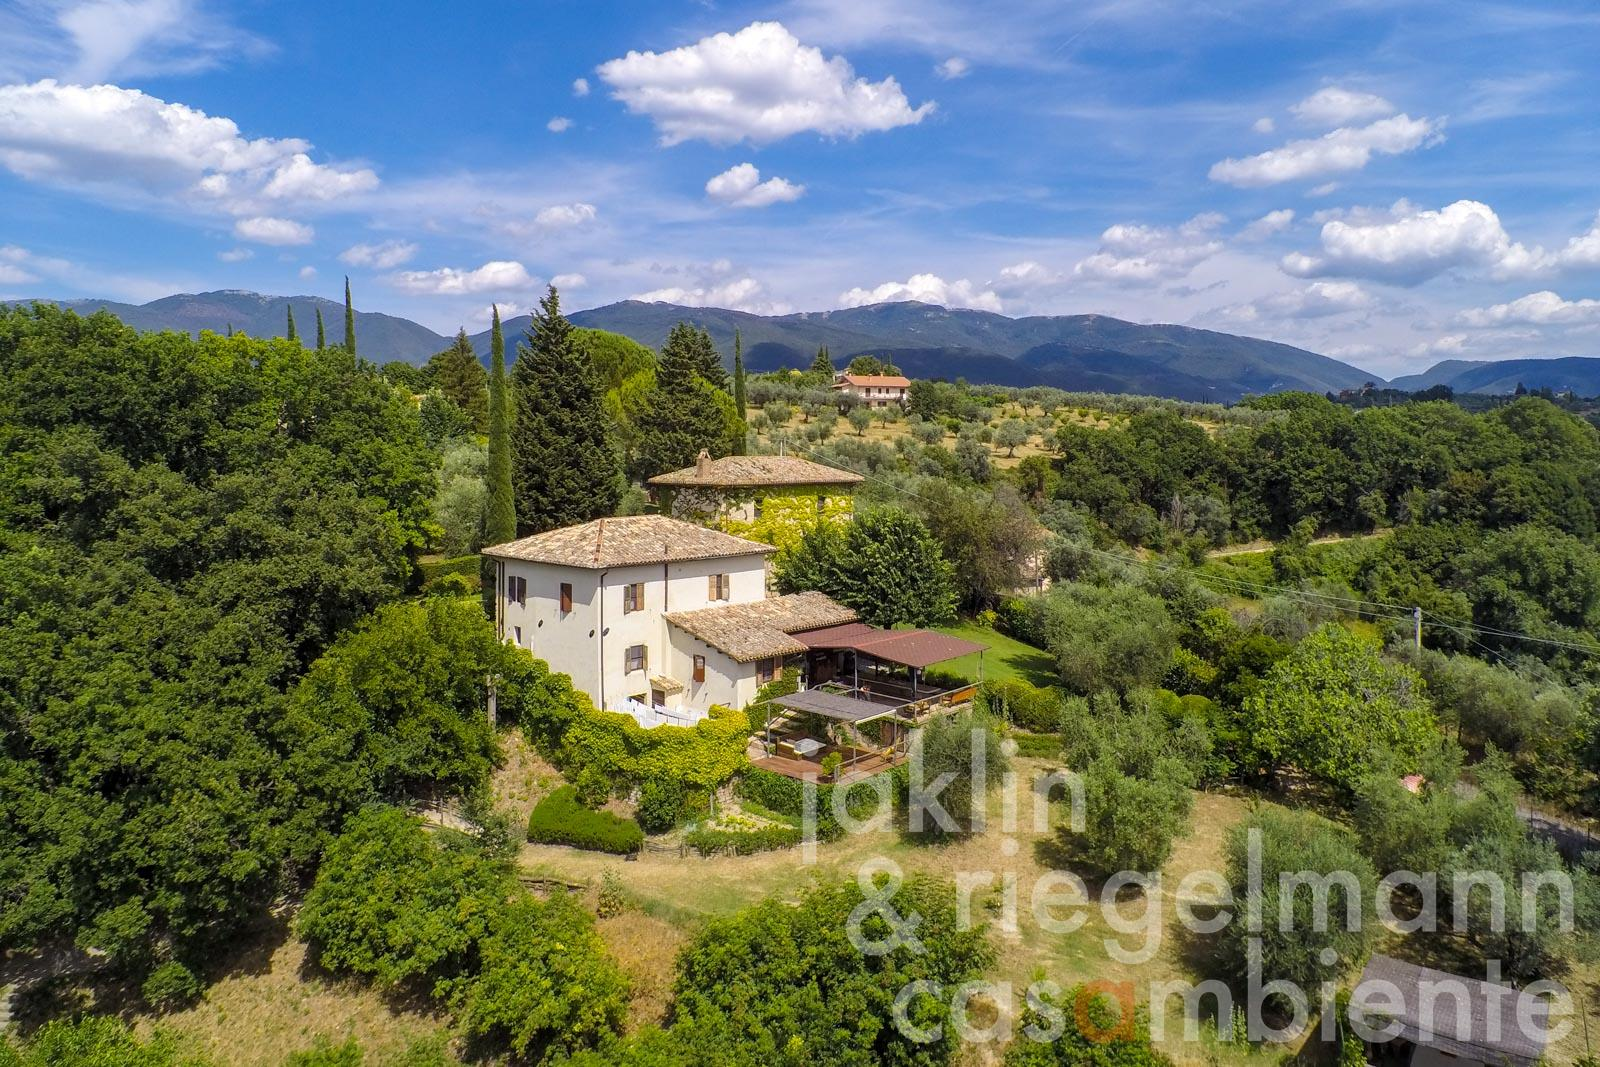 Esclusivo e suggestivo yoga residence in vendita sulle colline della Sabina vicino a Roma